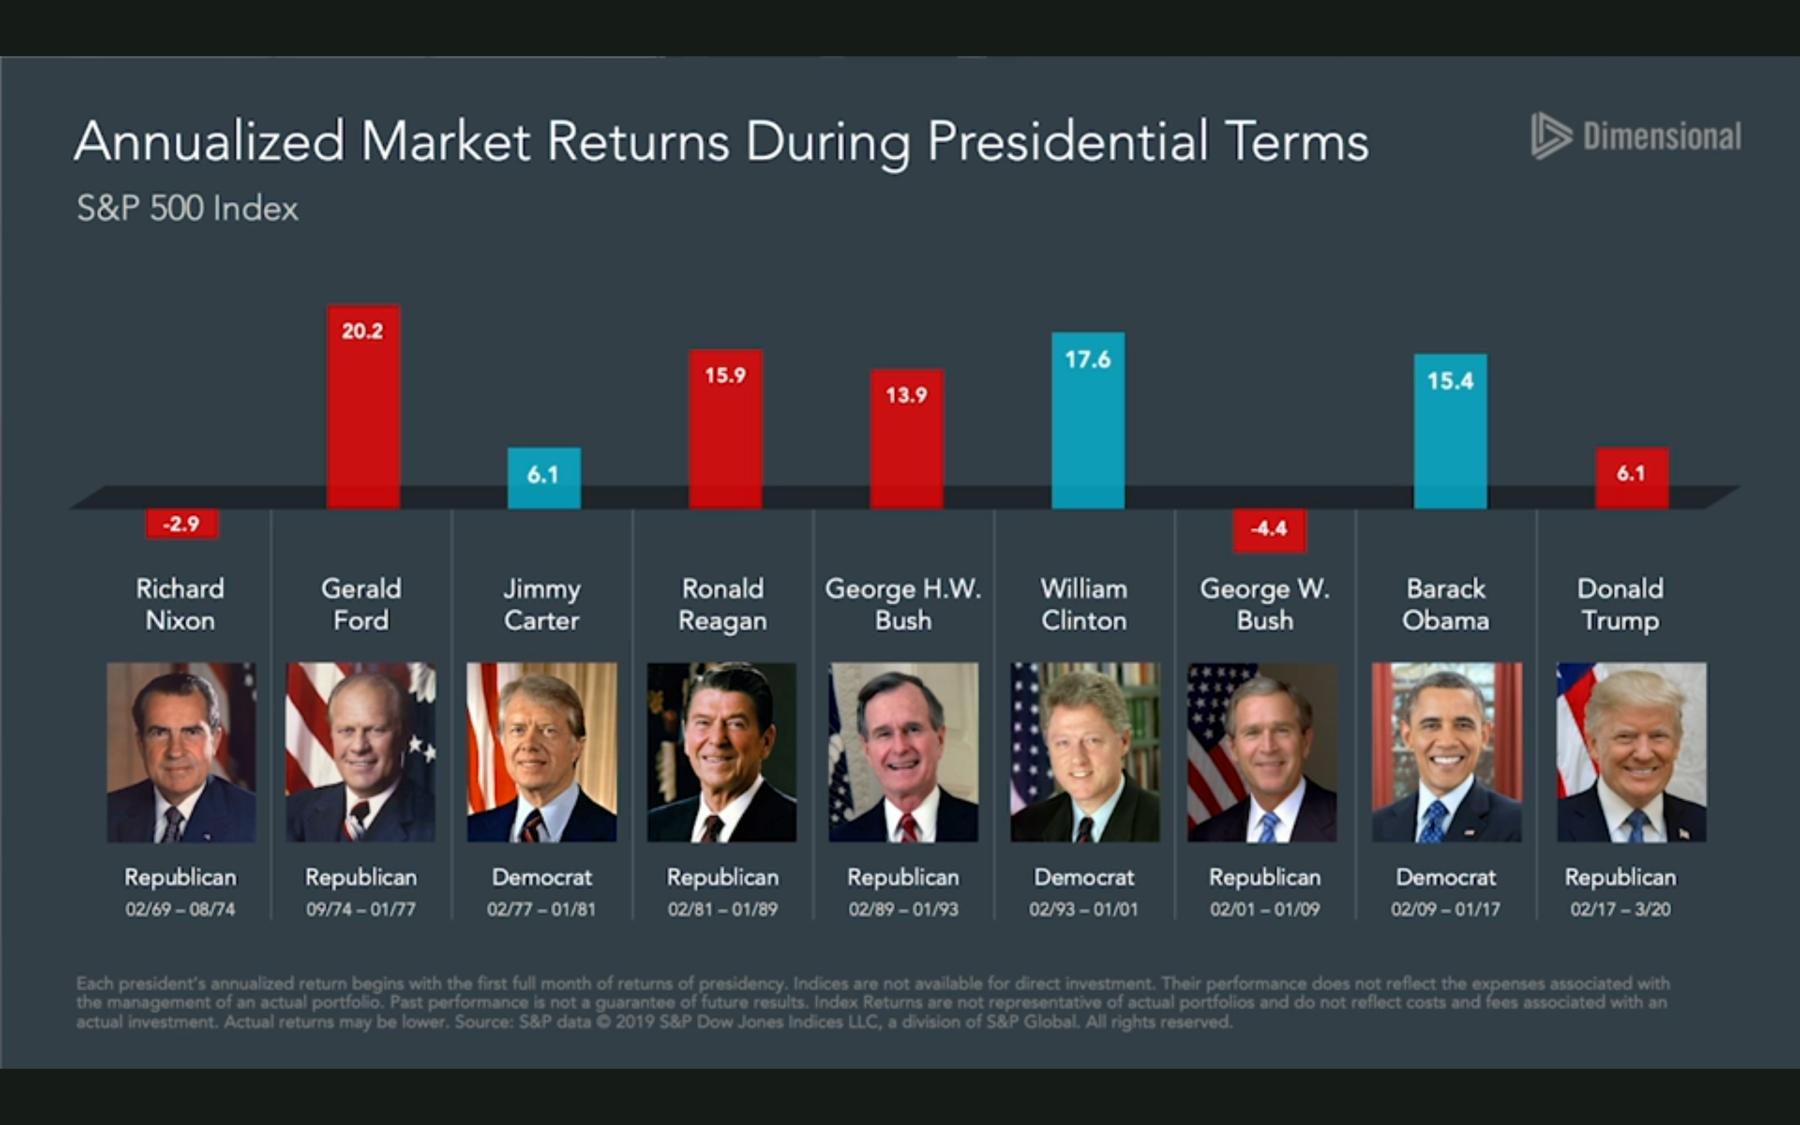 Stock Market Performance Under Each President